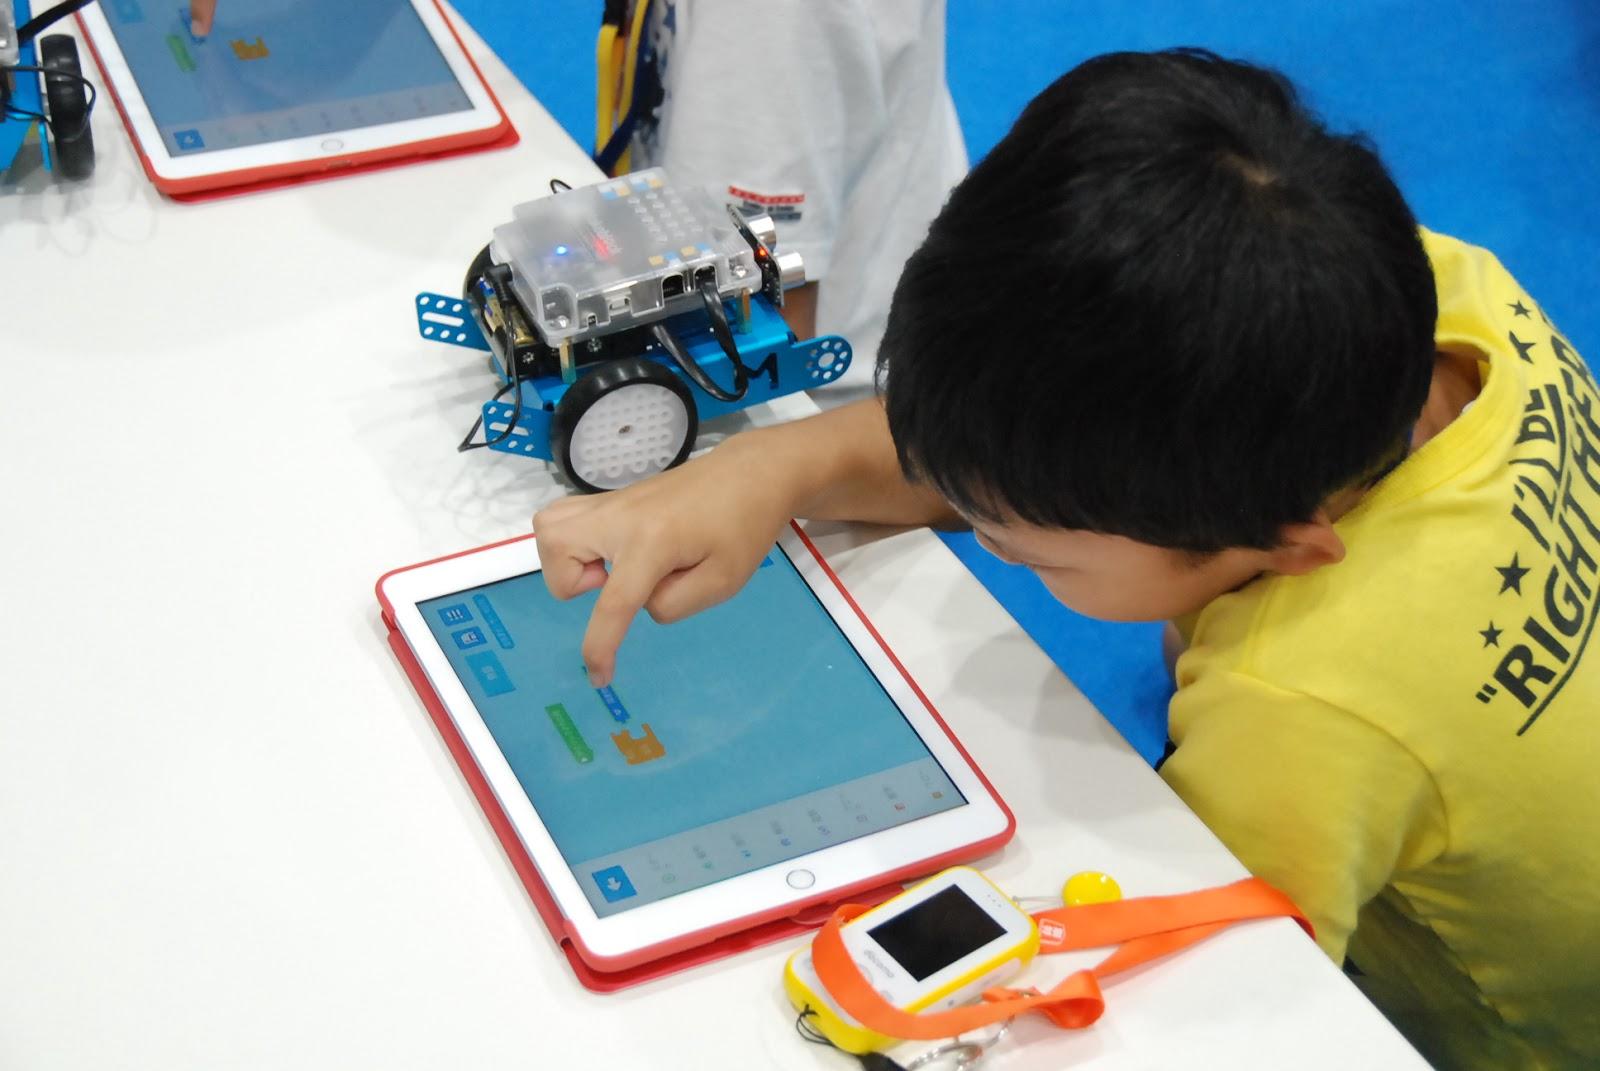 ロボット&プログラミング教室「mBot-ロボットとセンサーの関係を調べよう-」(要事前申込み)